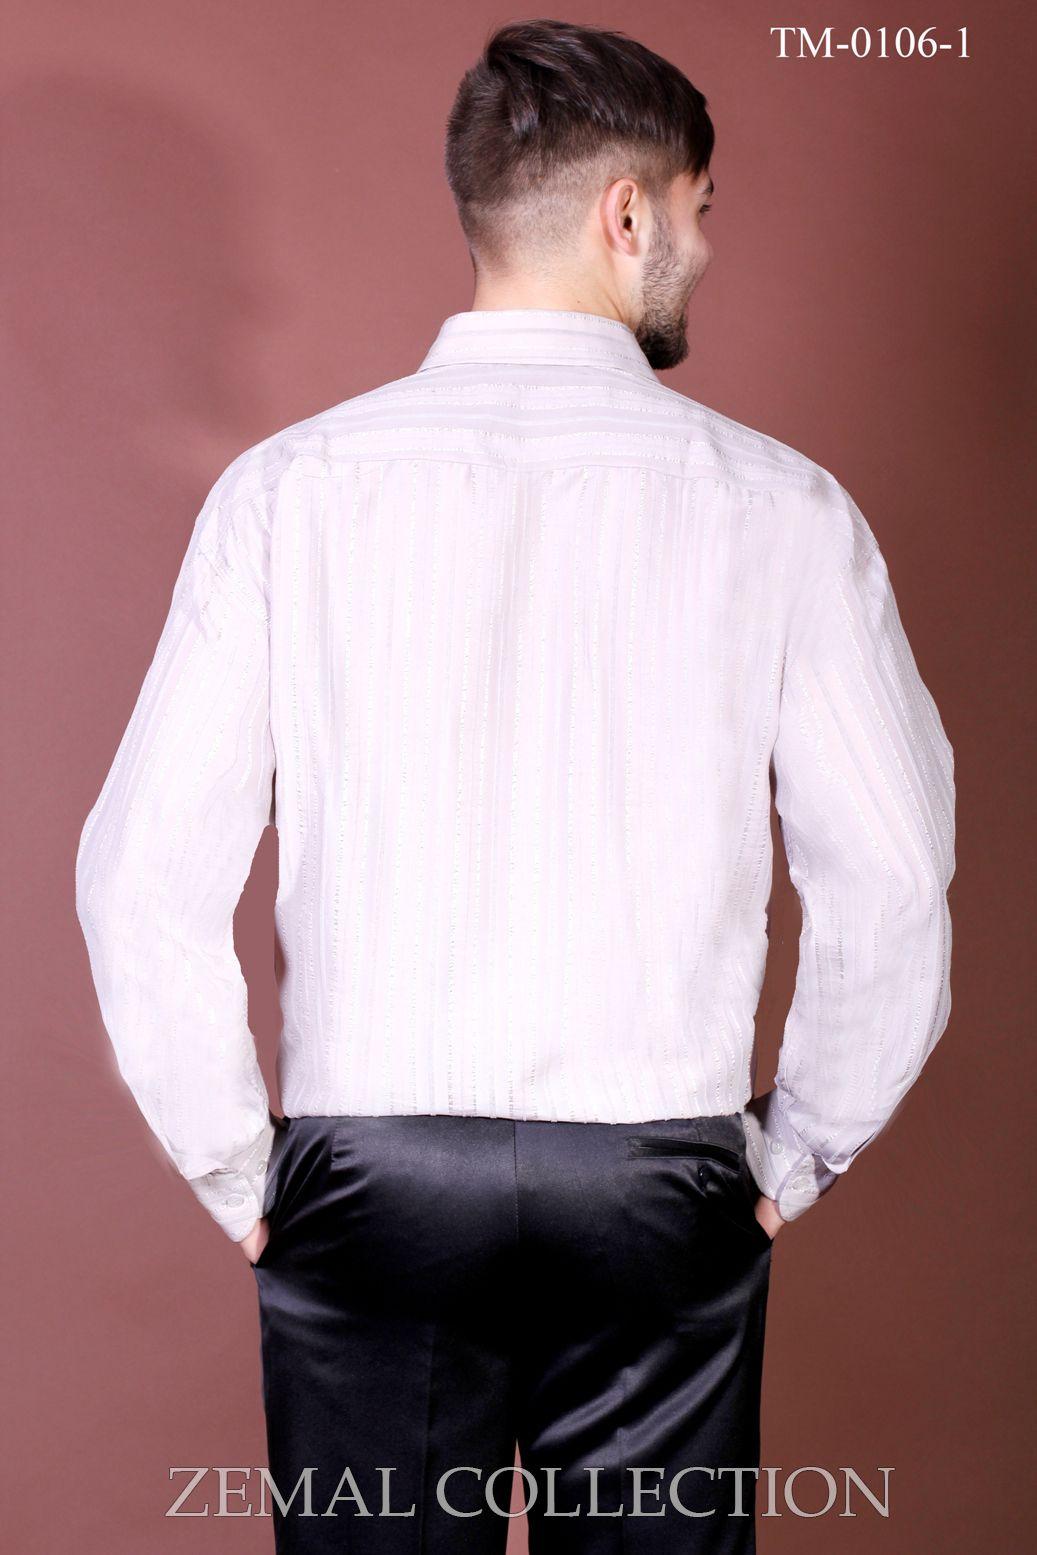 Сорочка tm-0106 купить на сайте производителя